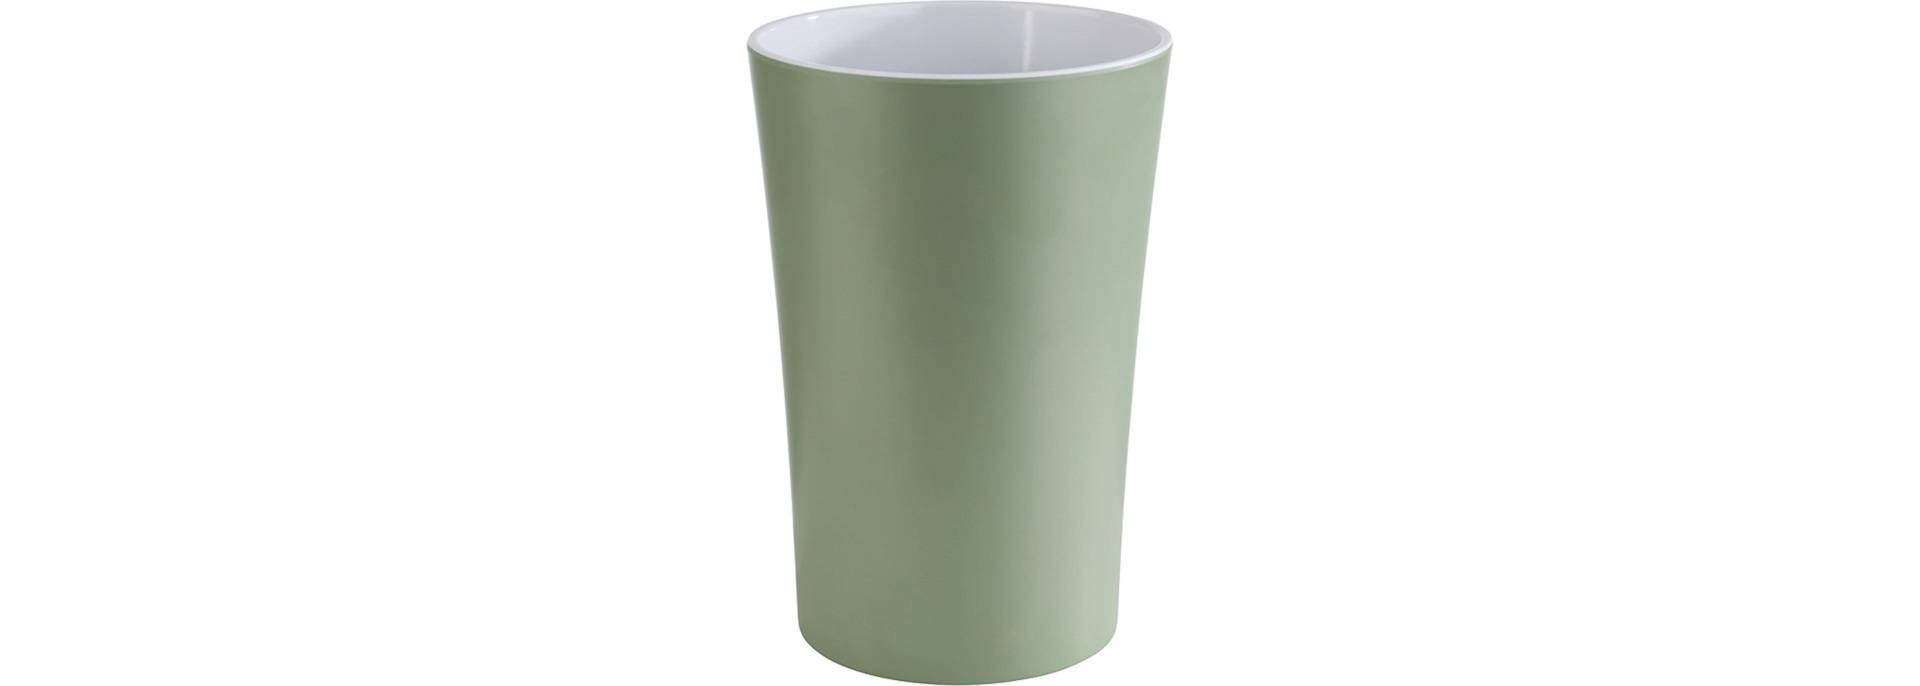 Dressingtopf 1,50 l / 130 x 130 x 195 mm Melamin grün